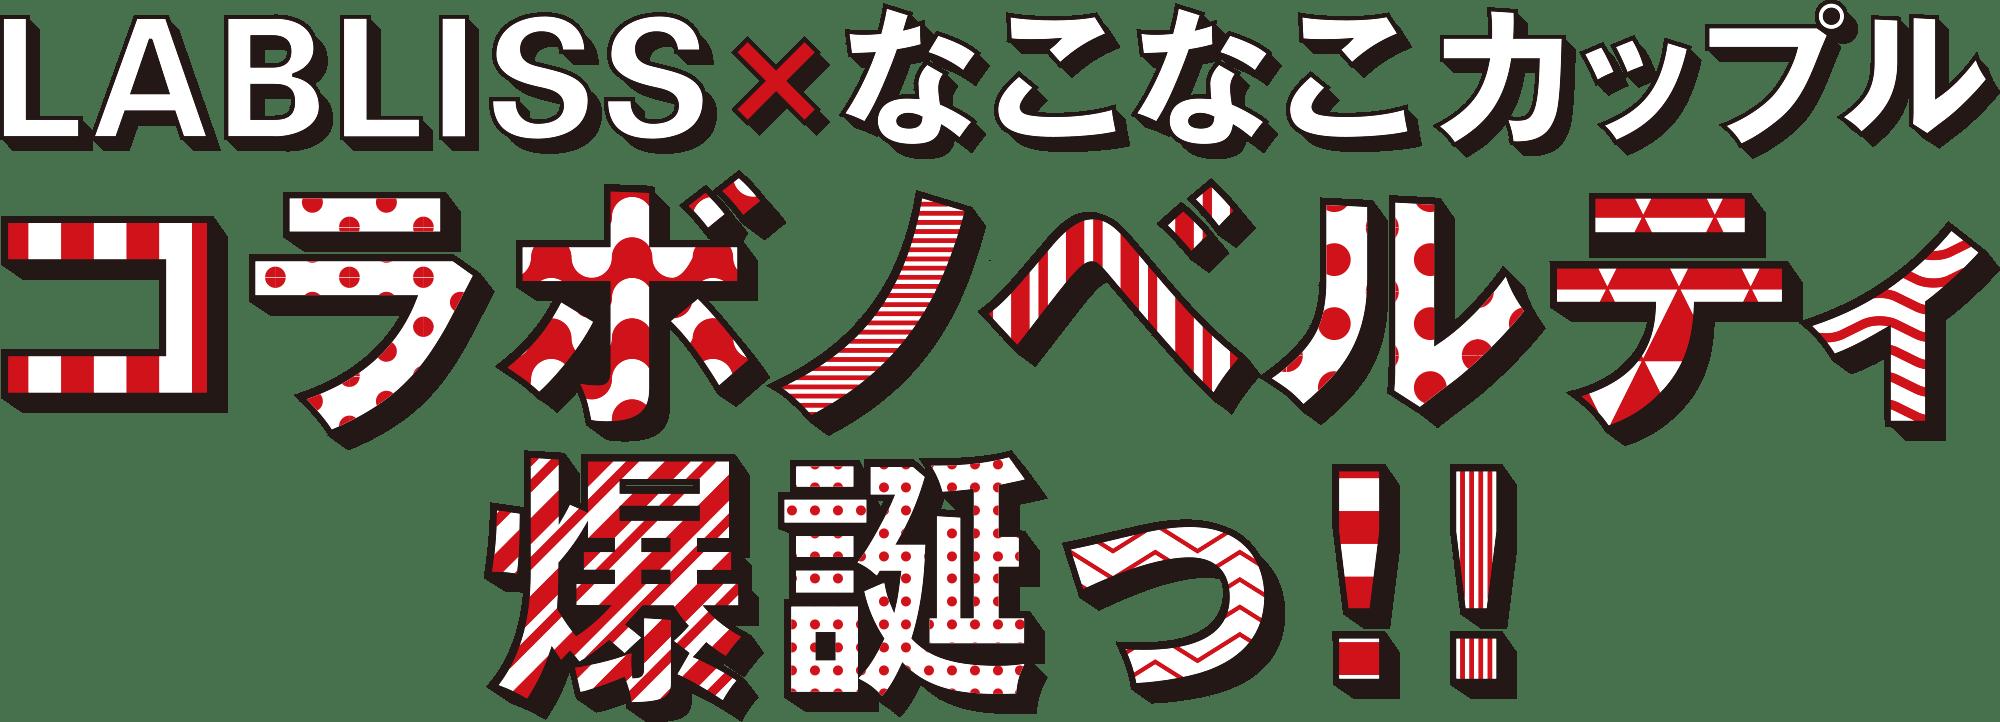 LABLISSxなこなこカップルコラボノベルティ爆誕っ!!